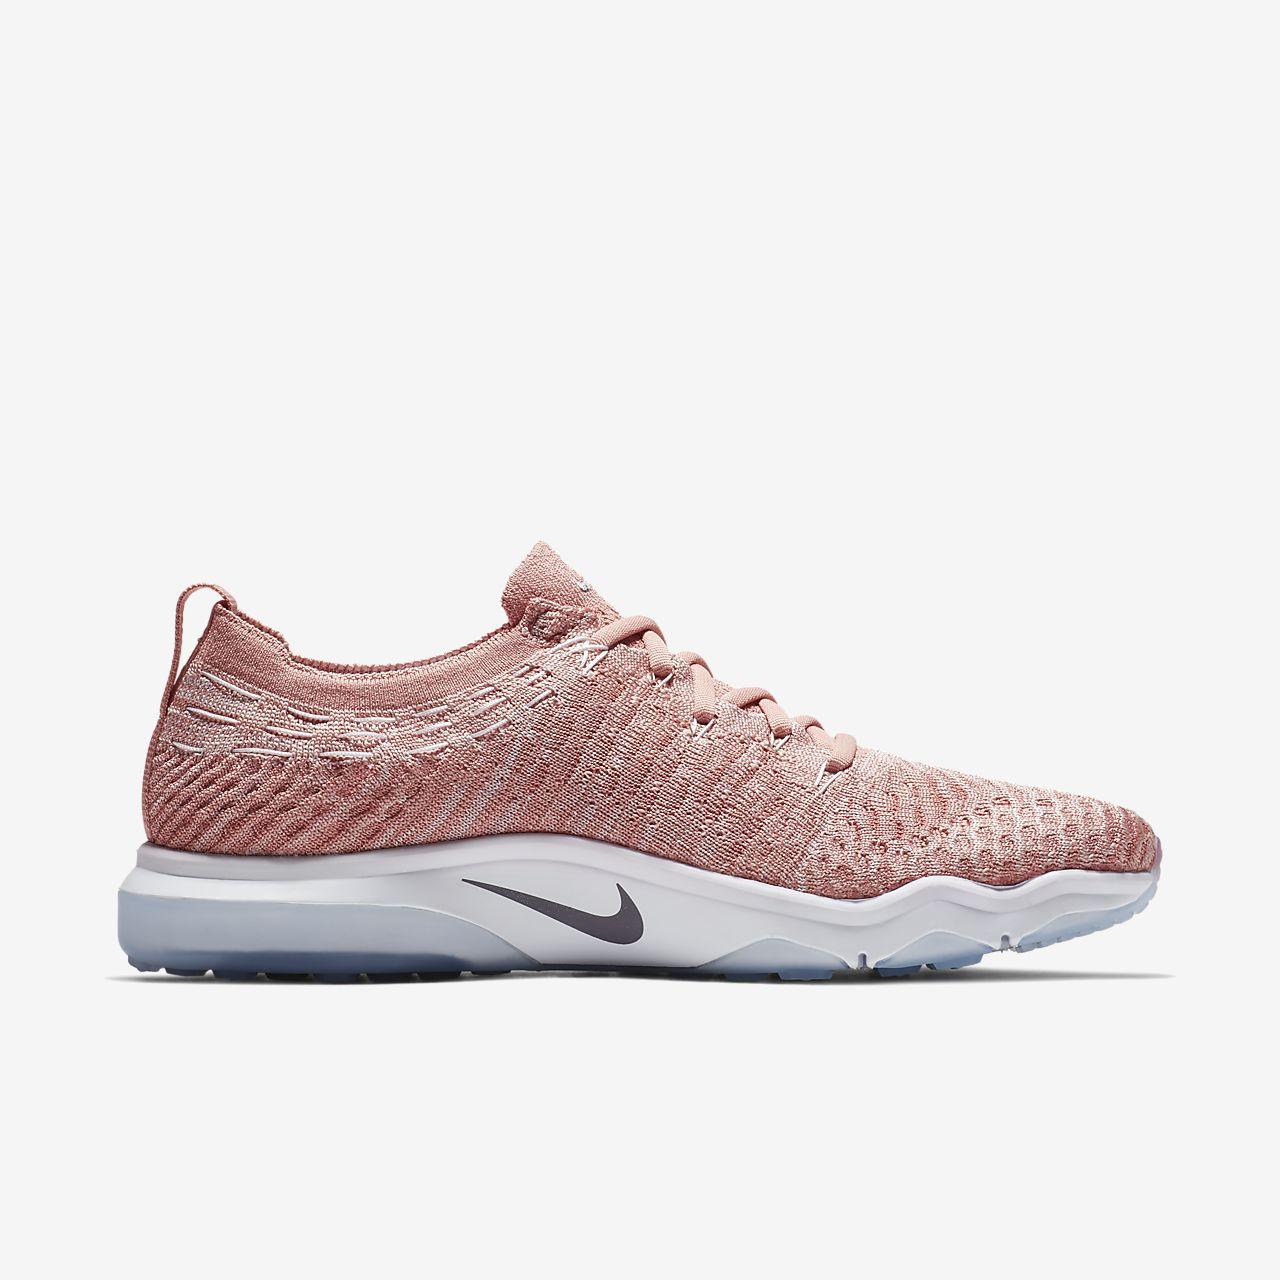 ... Nike Air Zoom Fearless Flyknit Lux Women's Training Shoe